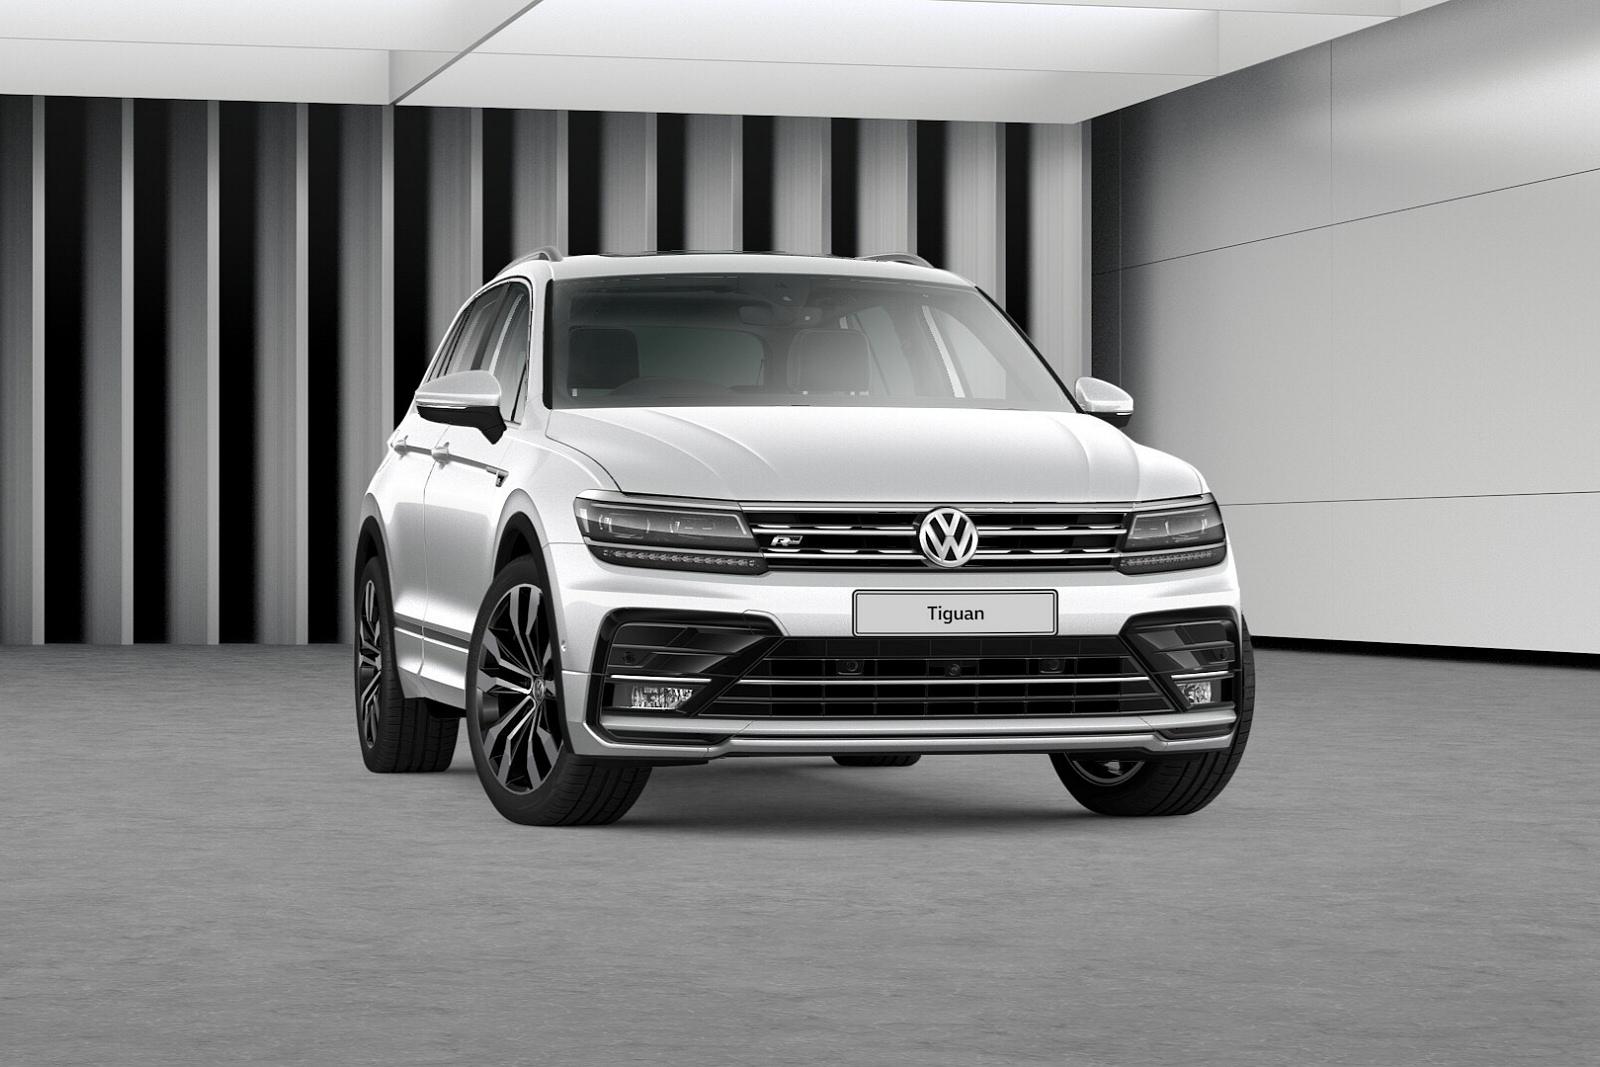 Cheap Personal Contract Hire Lease Volkswagen Tiguan Estate 1 5 TSi EVO 130  Match 5Dr